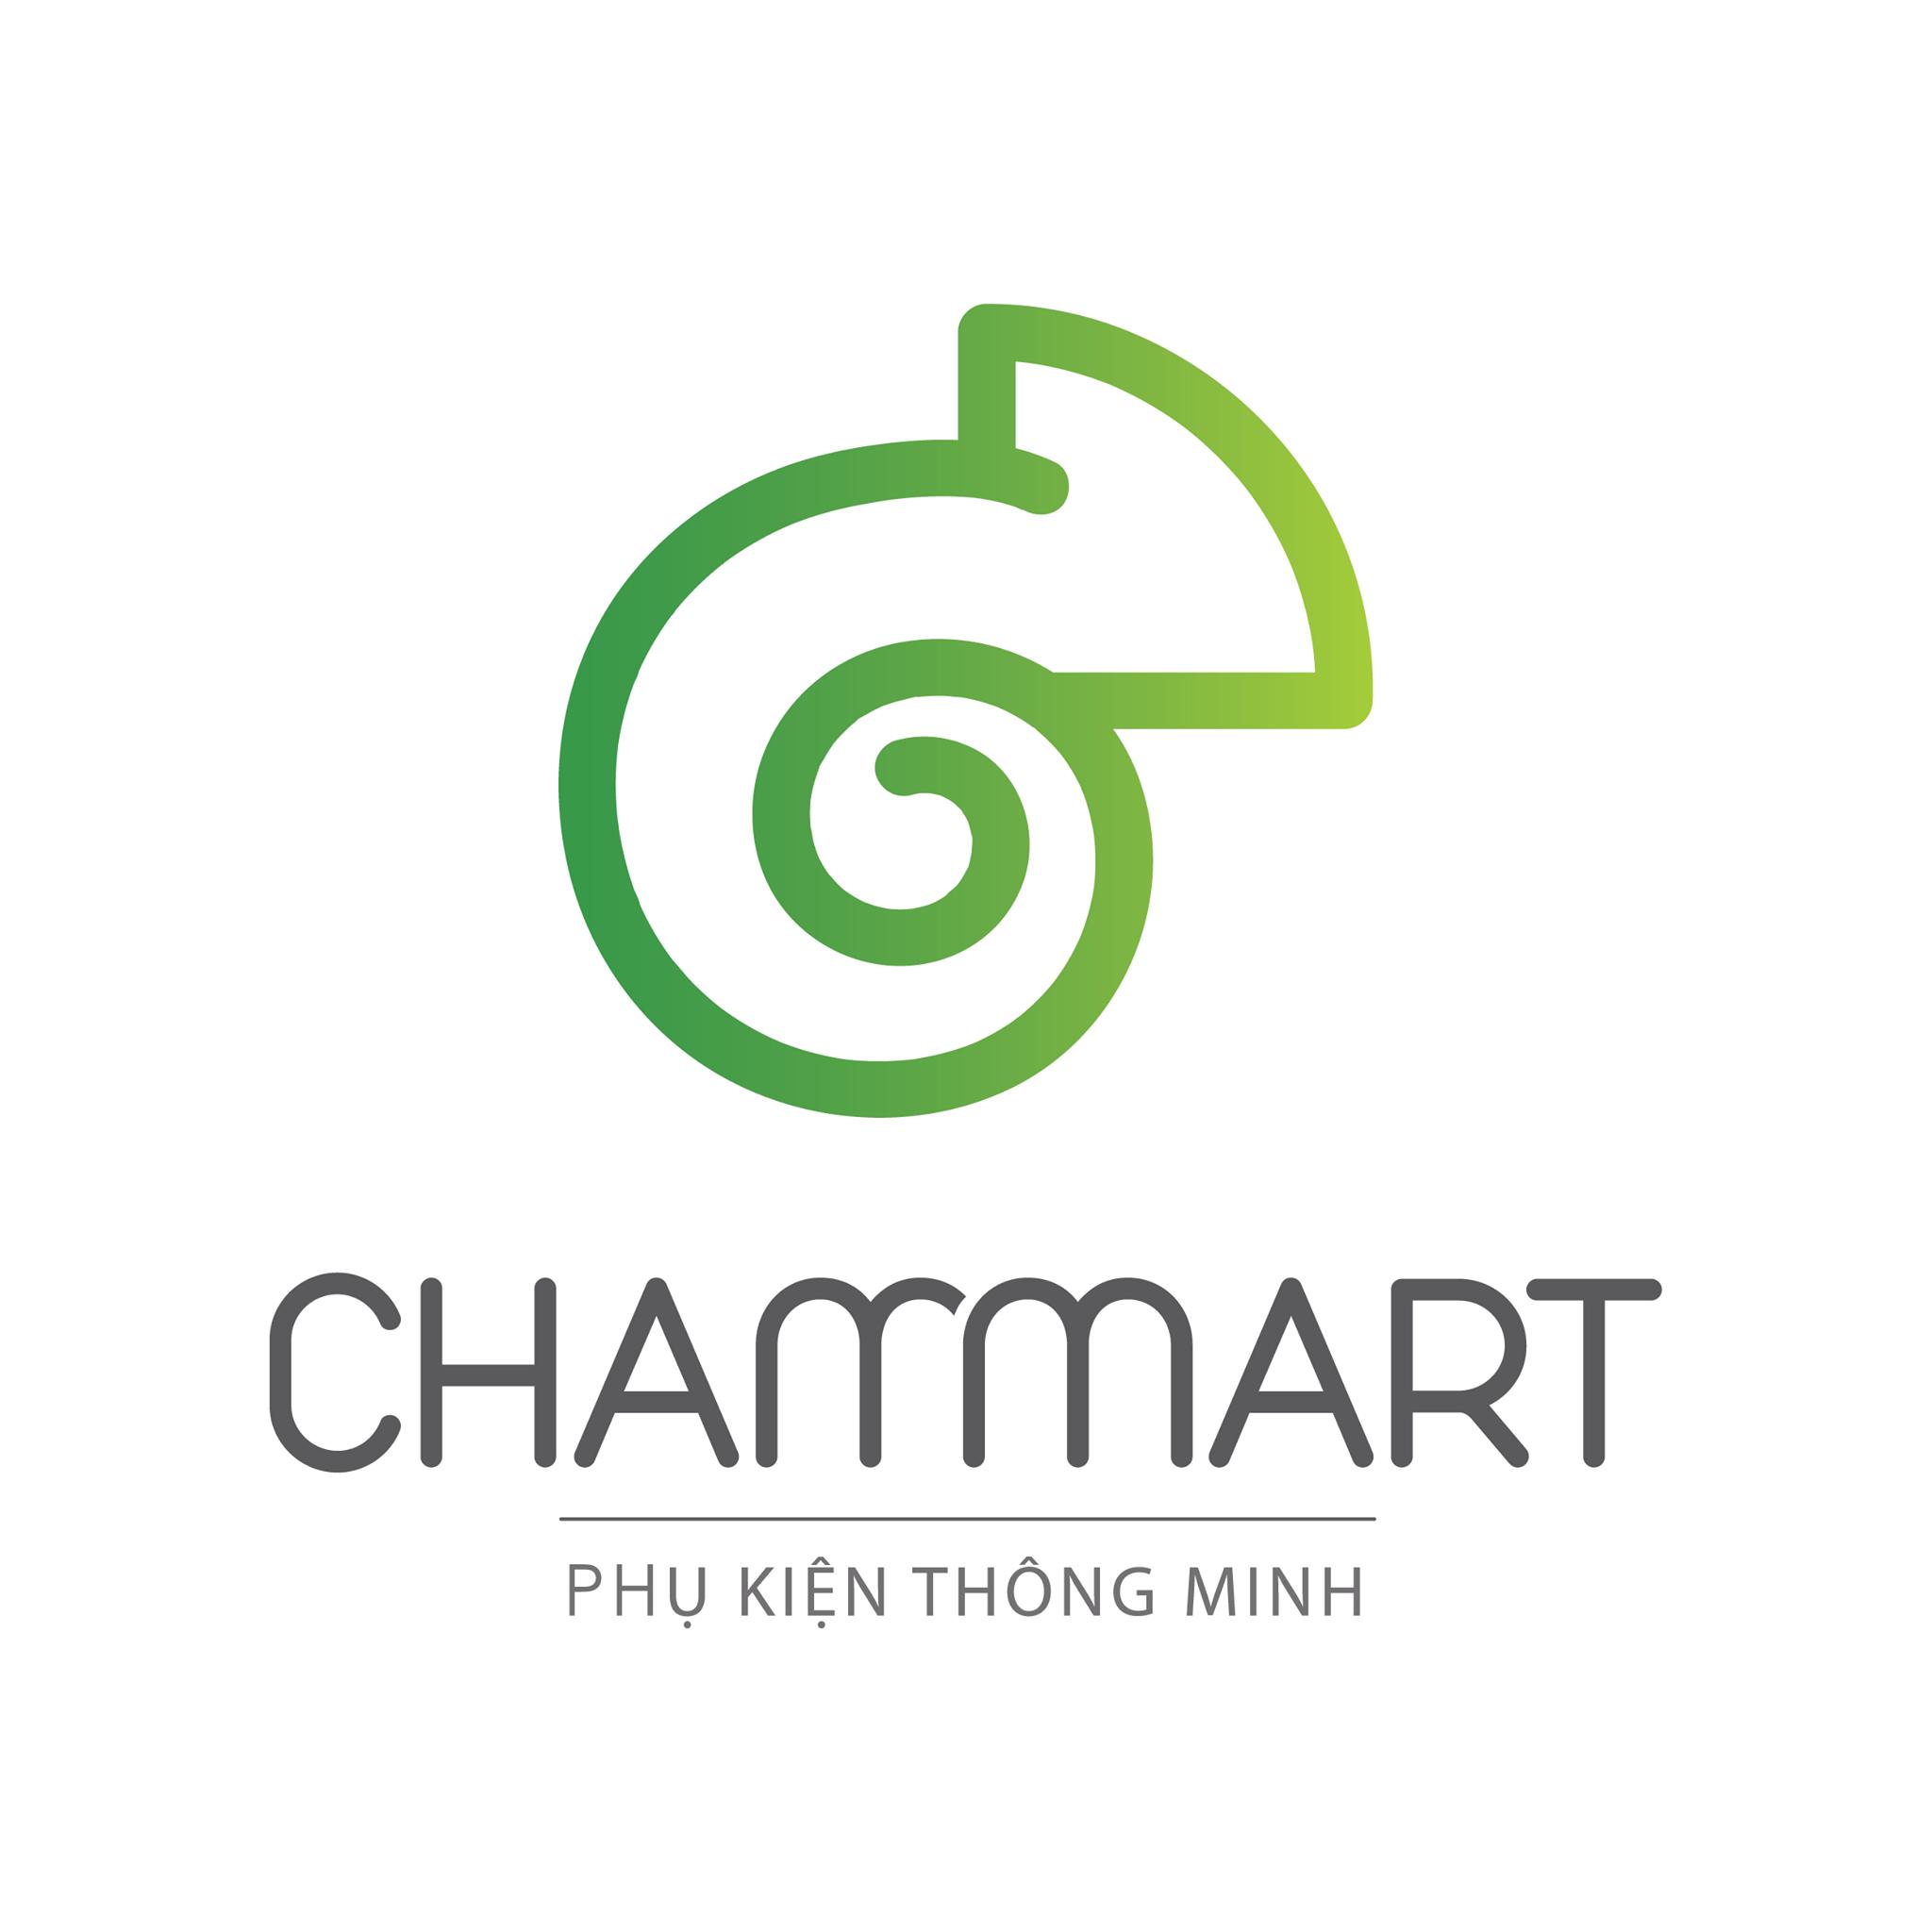 Chammart - Phụ Kiện Thông Minh